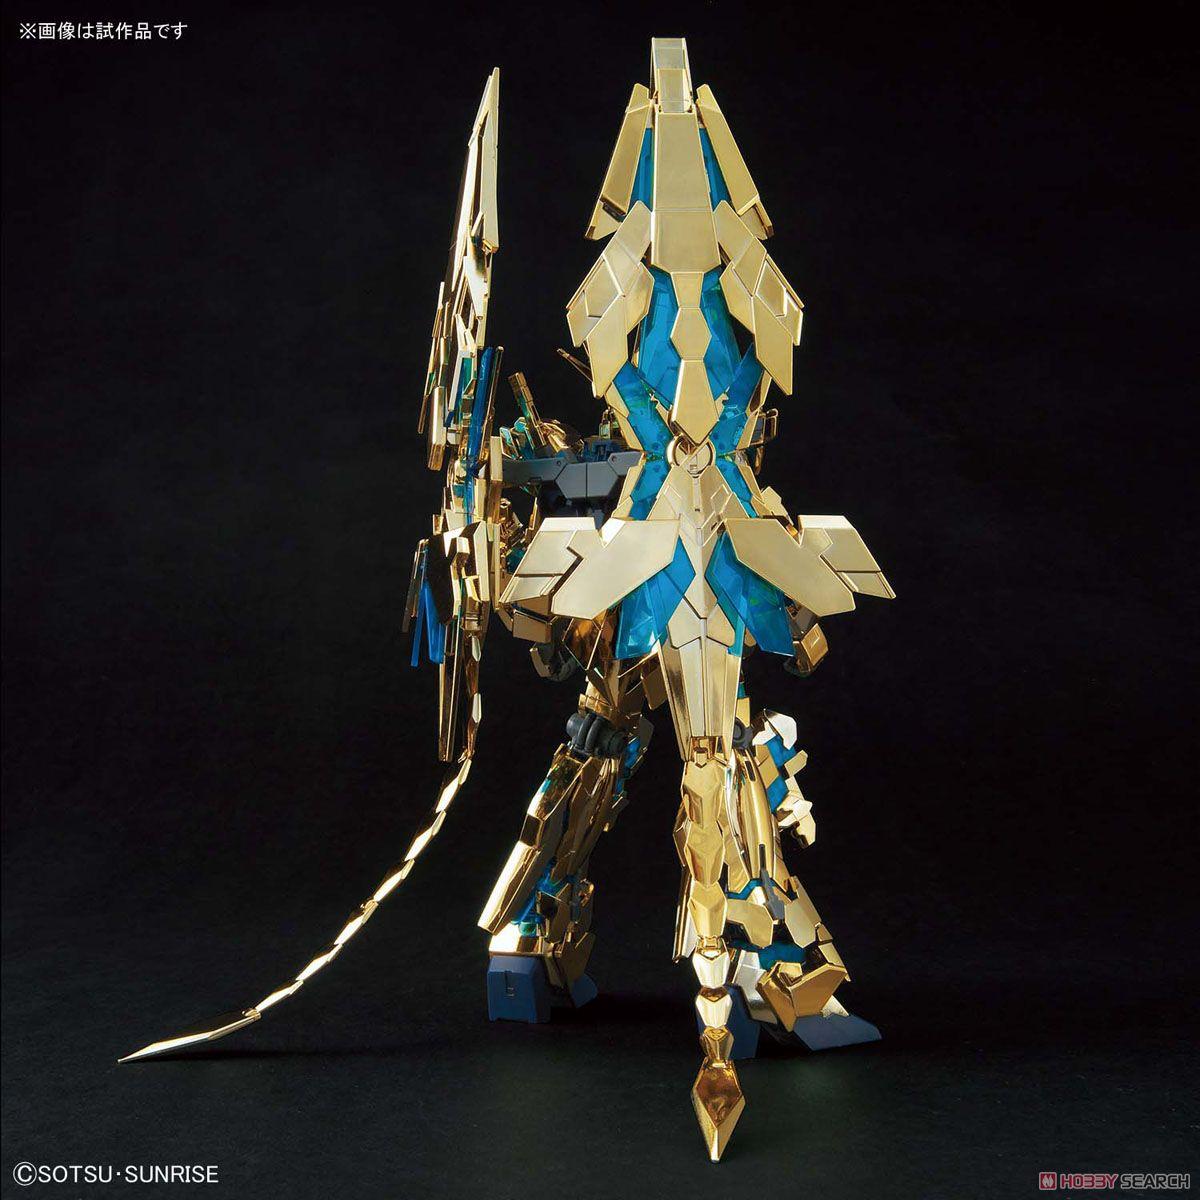 ユニコーンガンダム3号機 フェネクス (デストロイモード) (ナラティブver.) [ゴールドコーティング] (HGUC) (ガンプラ)